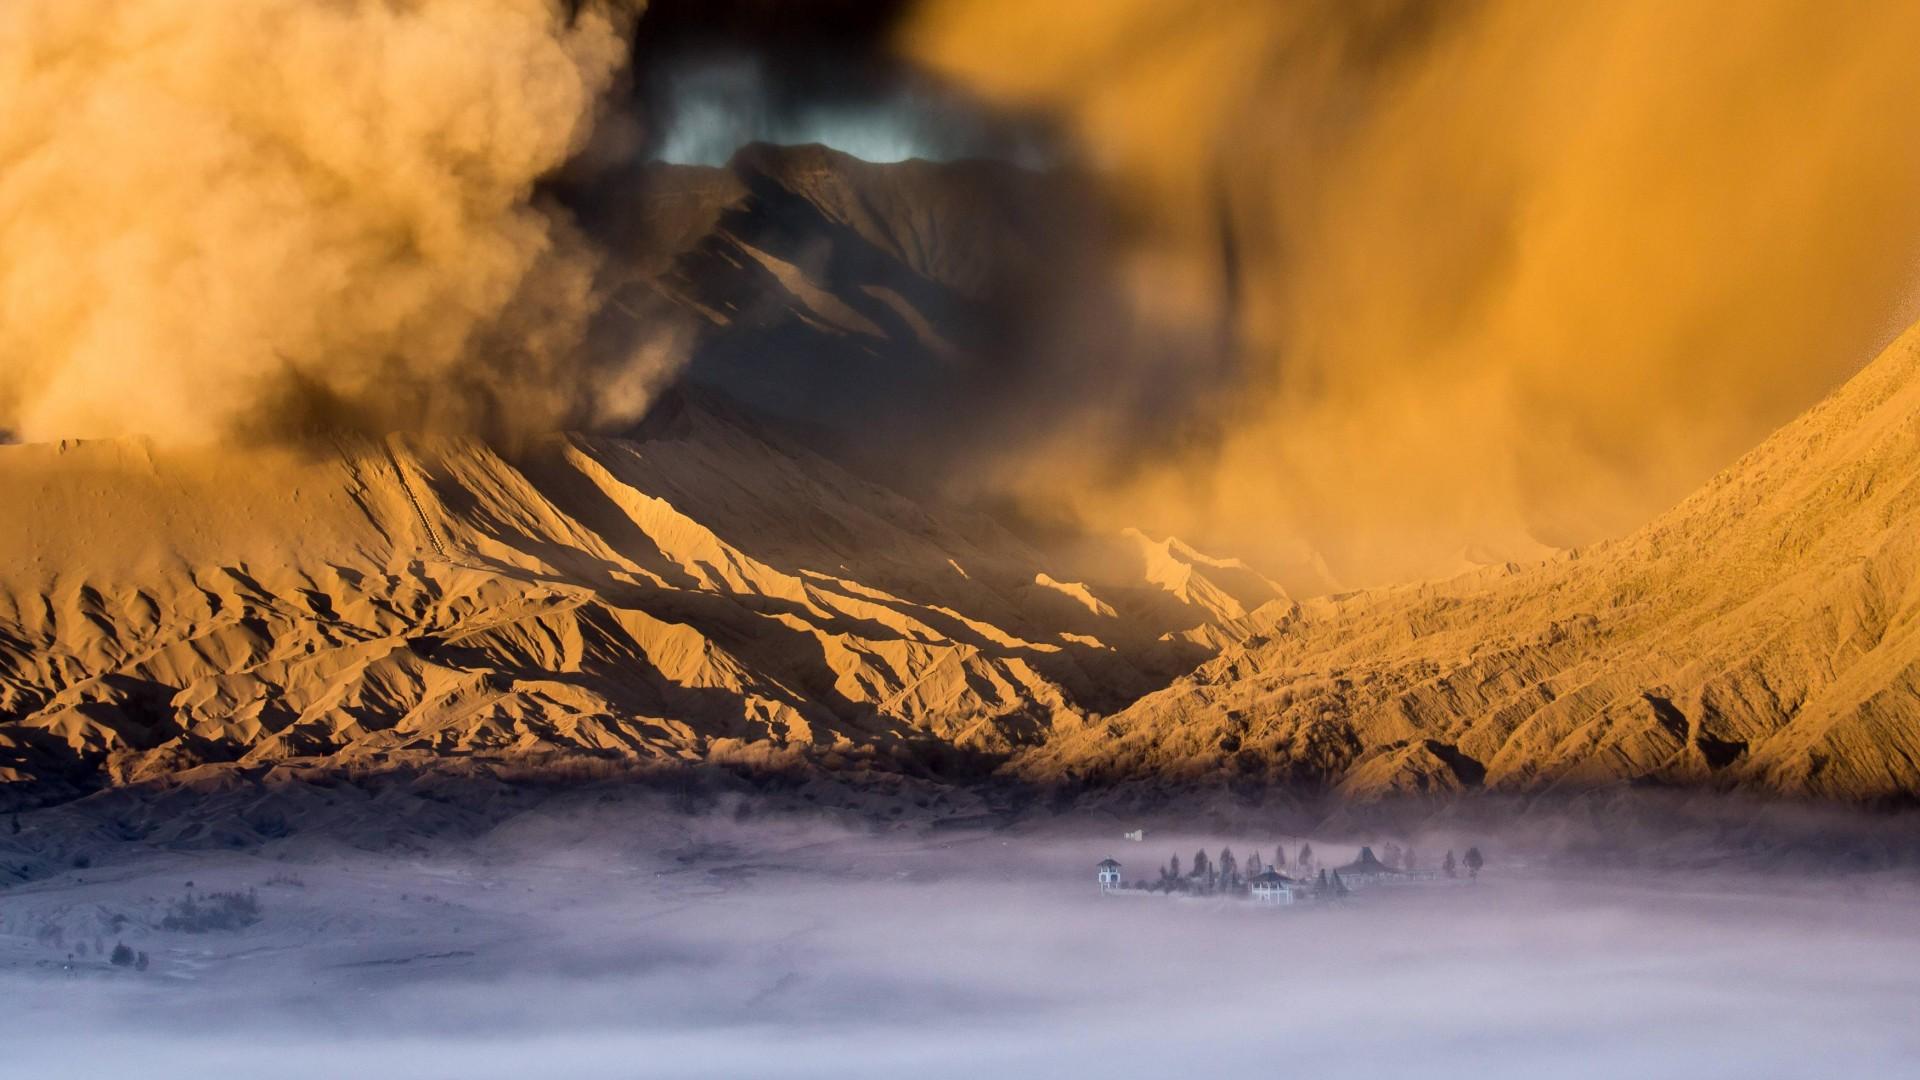 widescreen natural Sandstorm Wallpaper